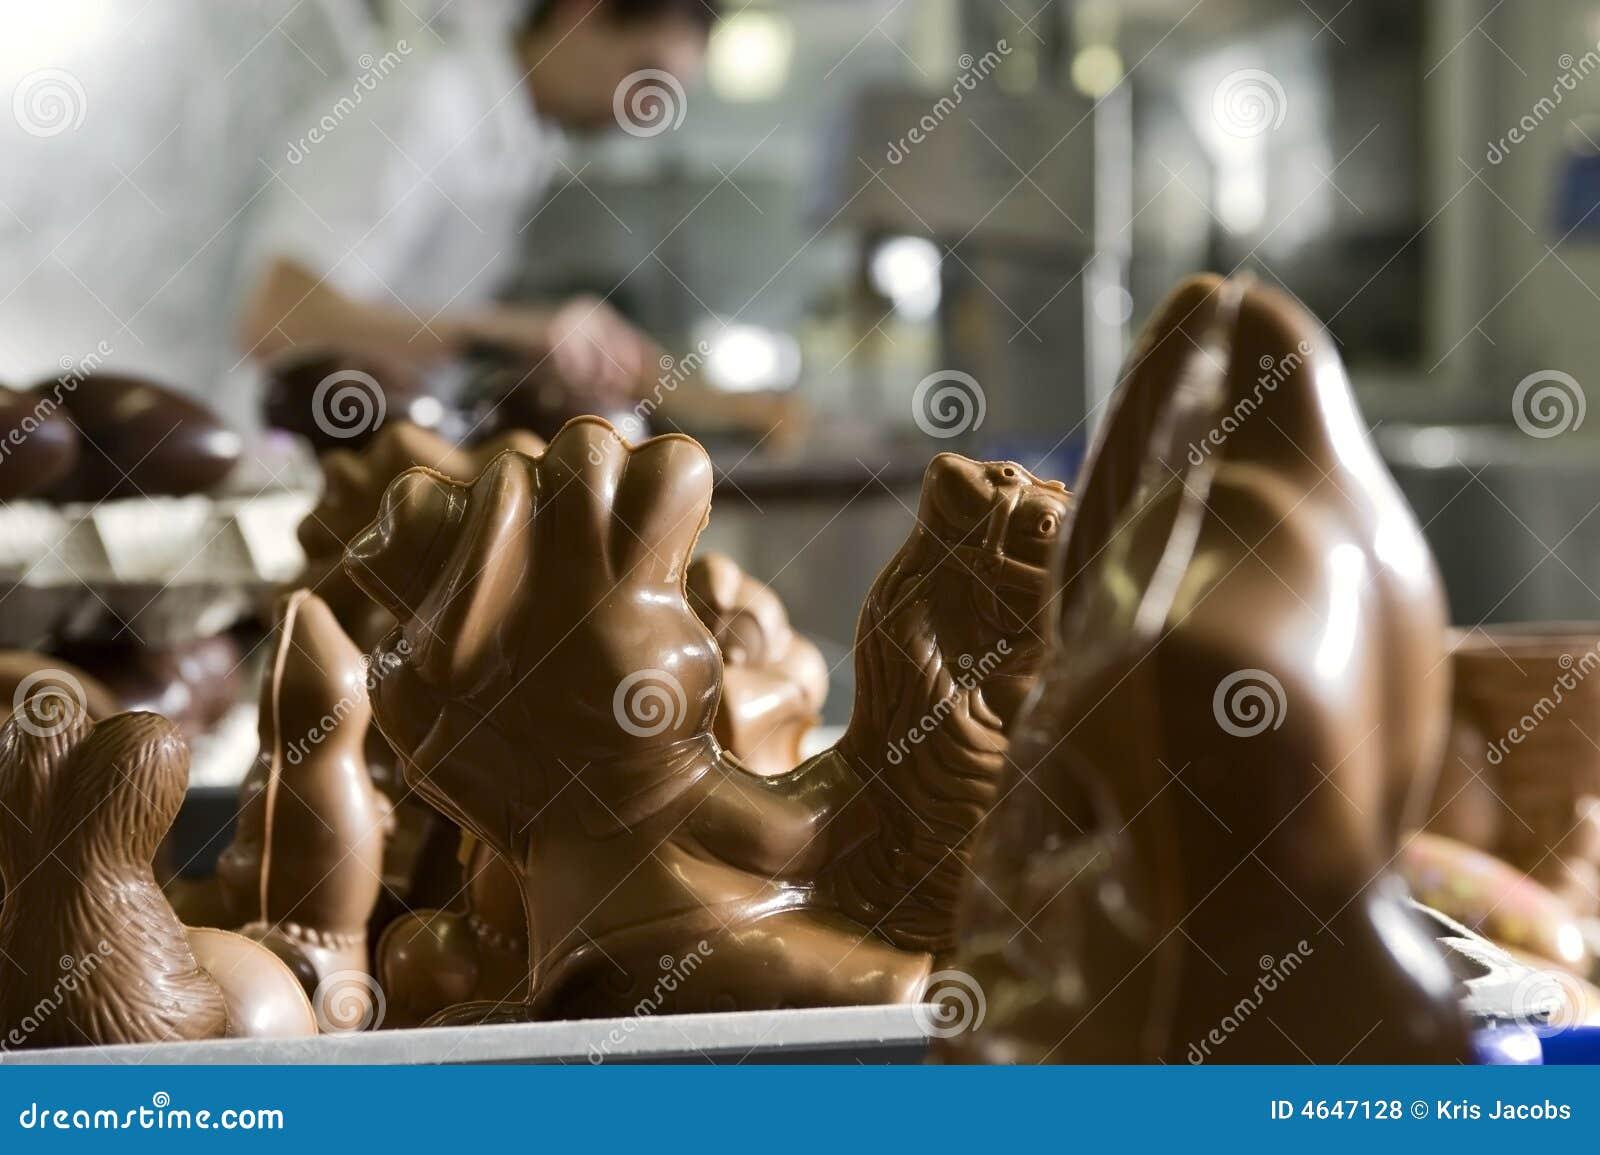 Fazendo figurines do chocolate em uma padaria.